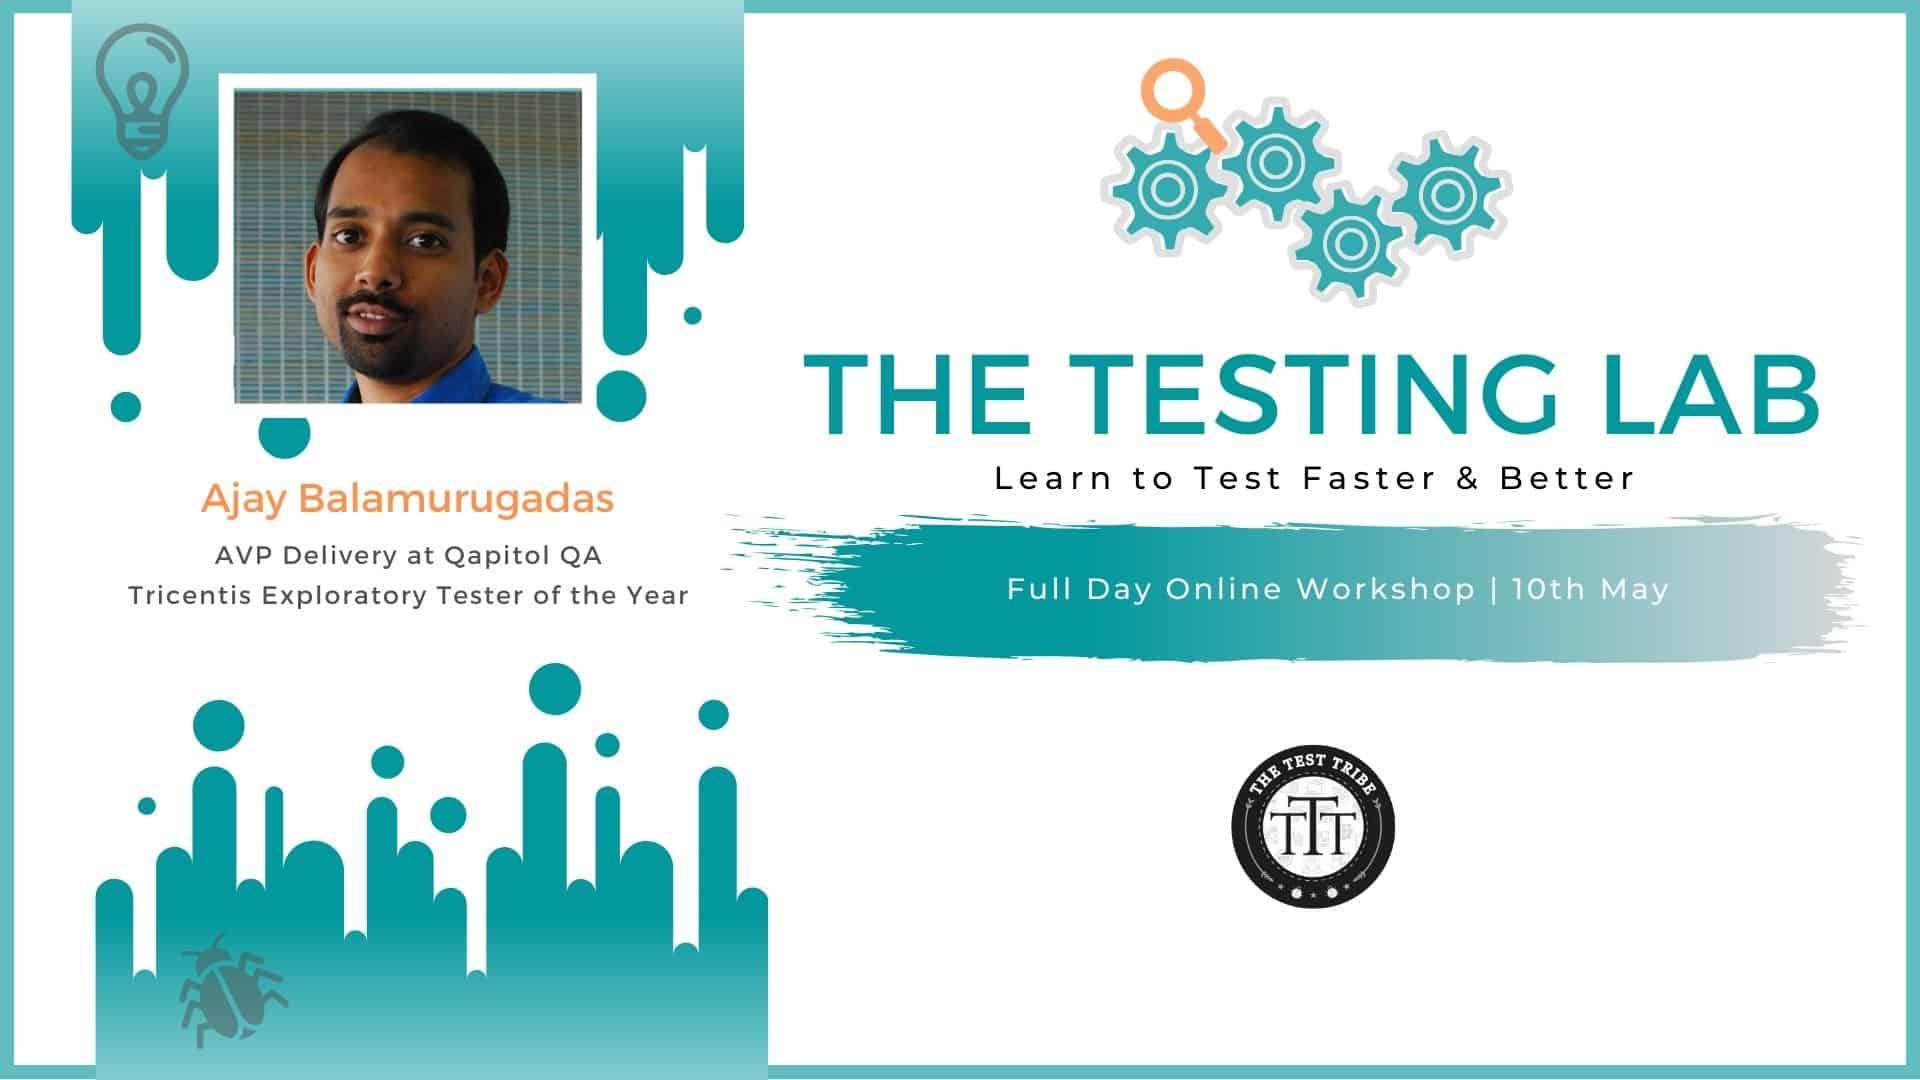 The Testing Lab Virtual